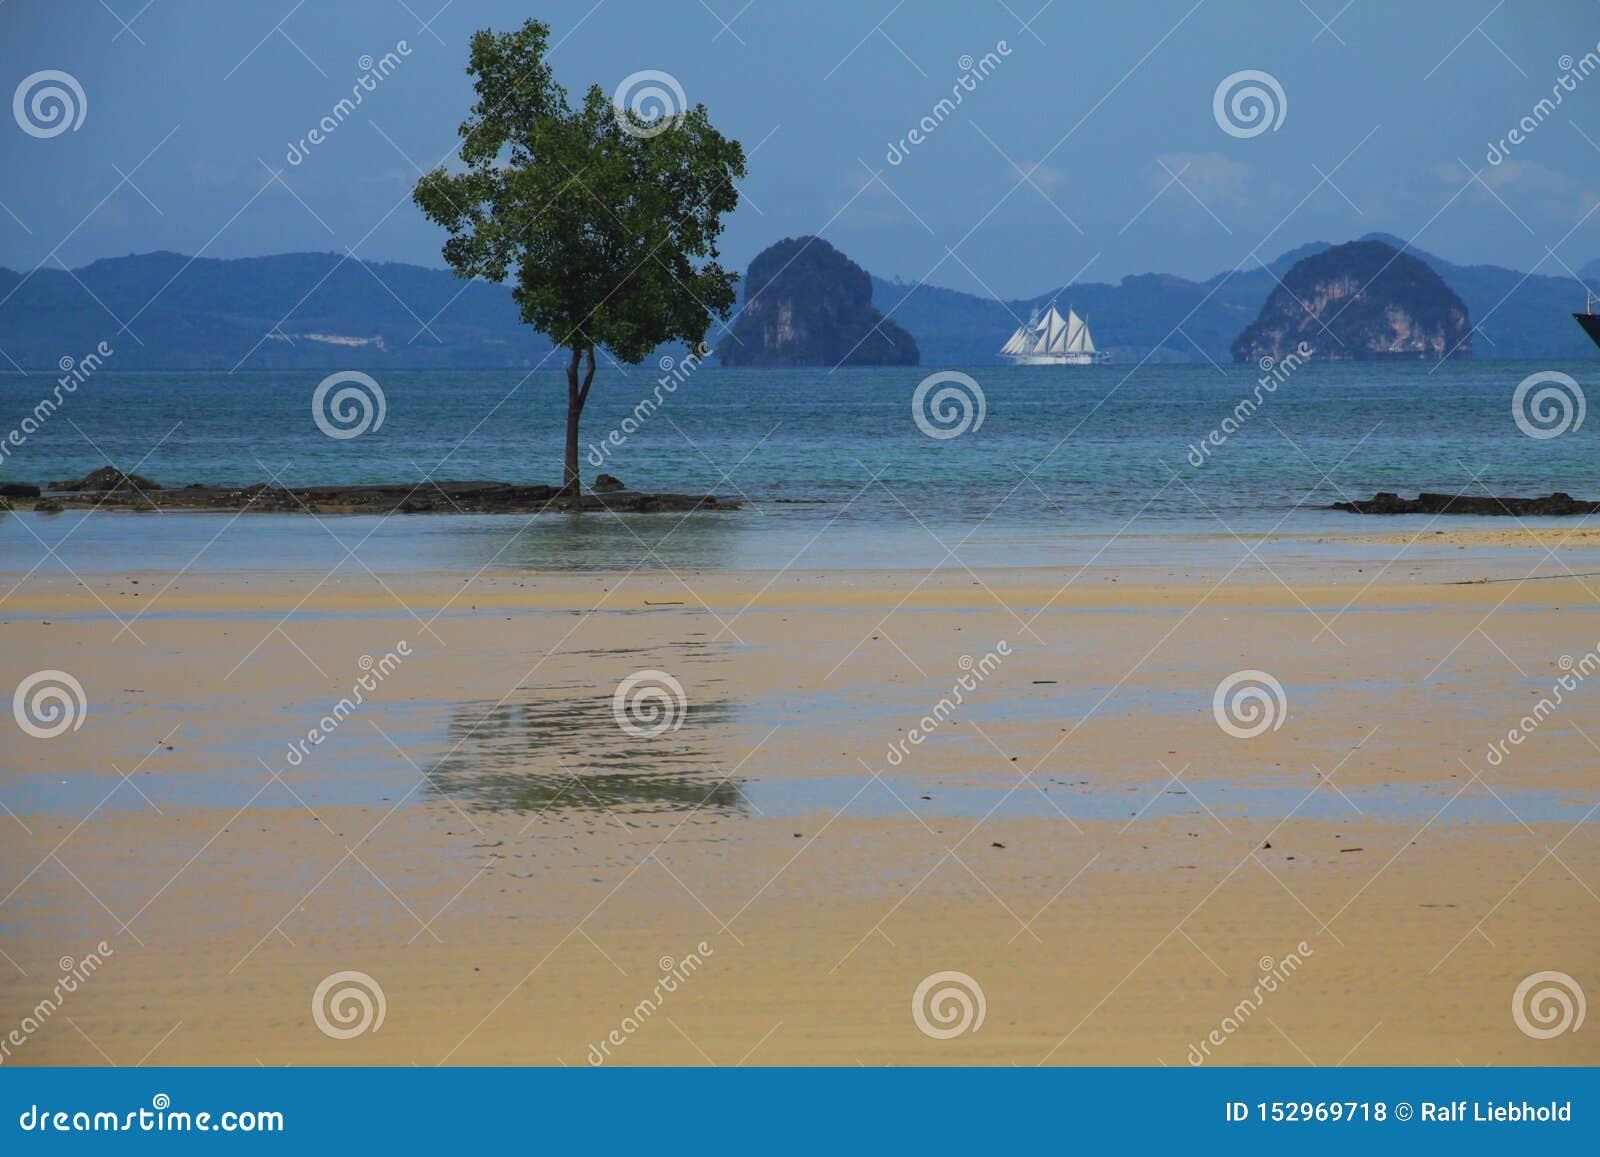 在Thailands海岸线的低潮与岩层、树和帆船在背景中,Ao Nang,甲米府